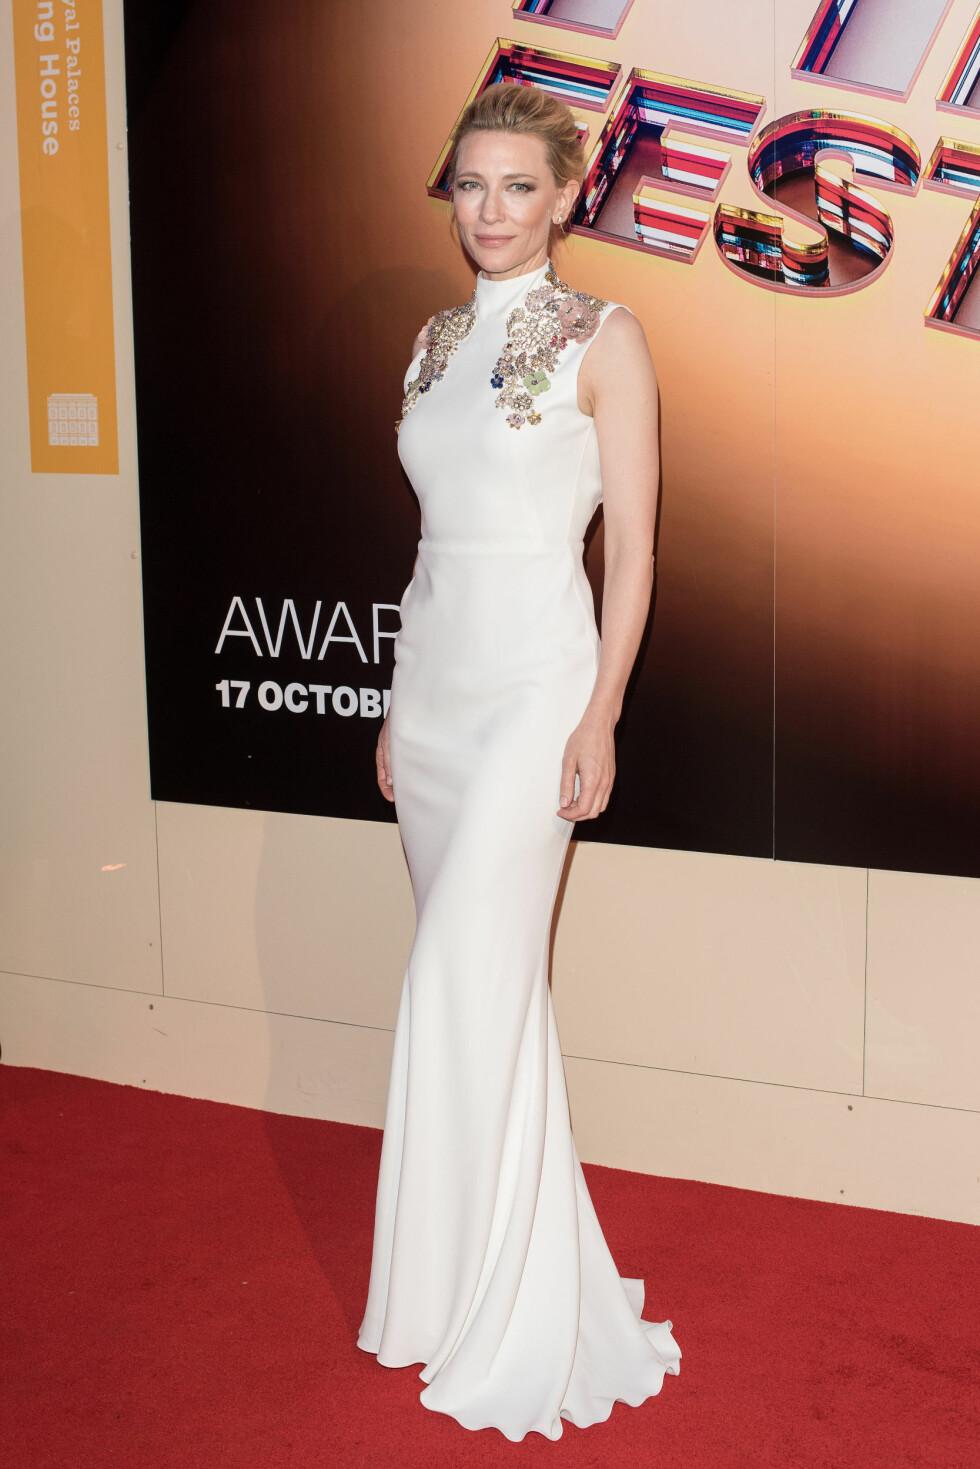 ALVEAKTIG: Cate Blanchett minnet om en moderne utgave av alvedronningen Galadriel i denne hvite, broderte Alexander McQeen-kjolen på BFI London Film Festival Awards 2015 lørdag 17. oktober. Foto: wenn.com